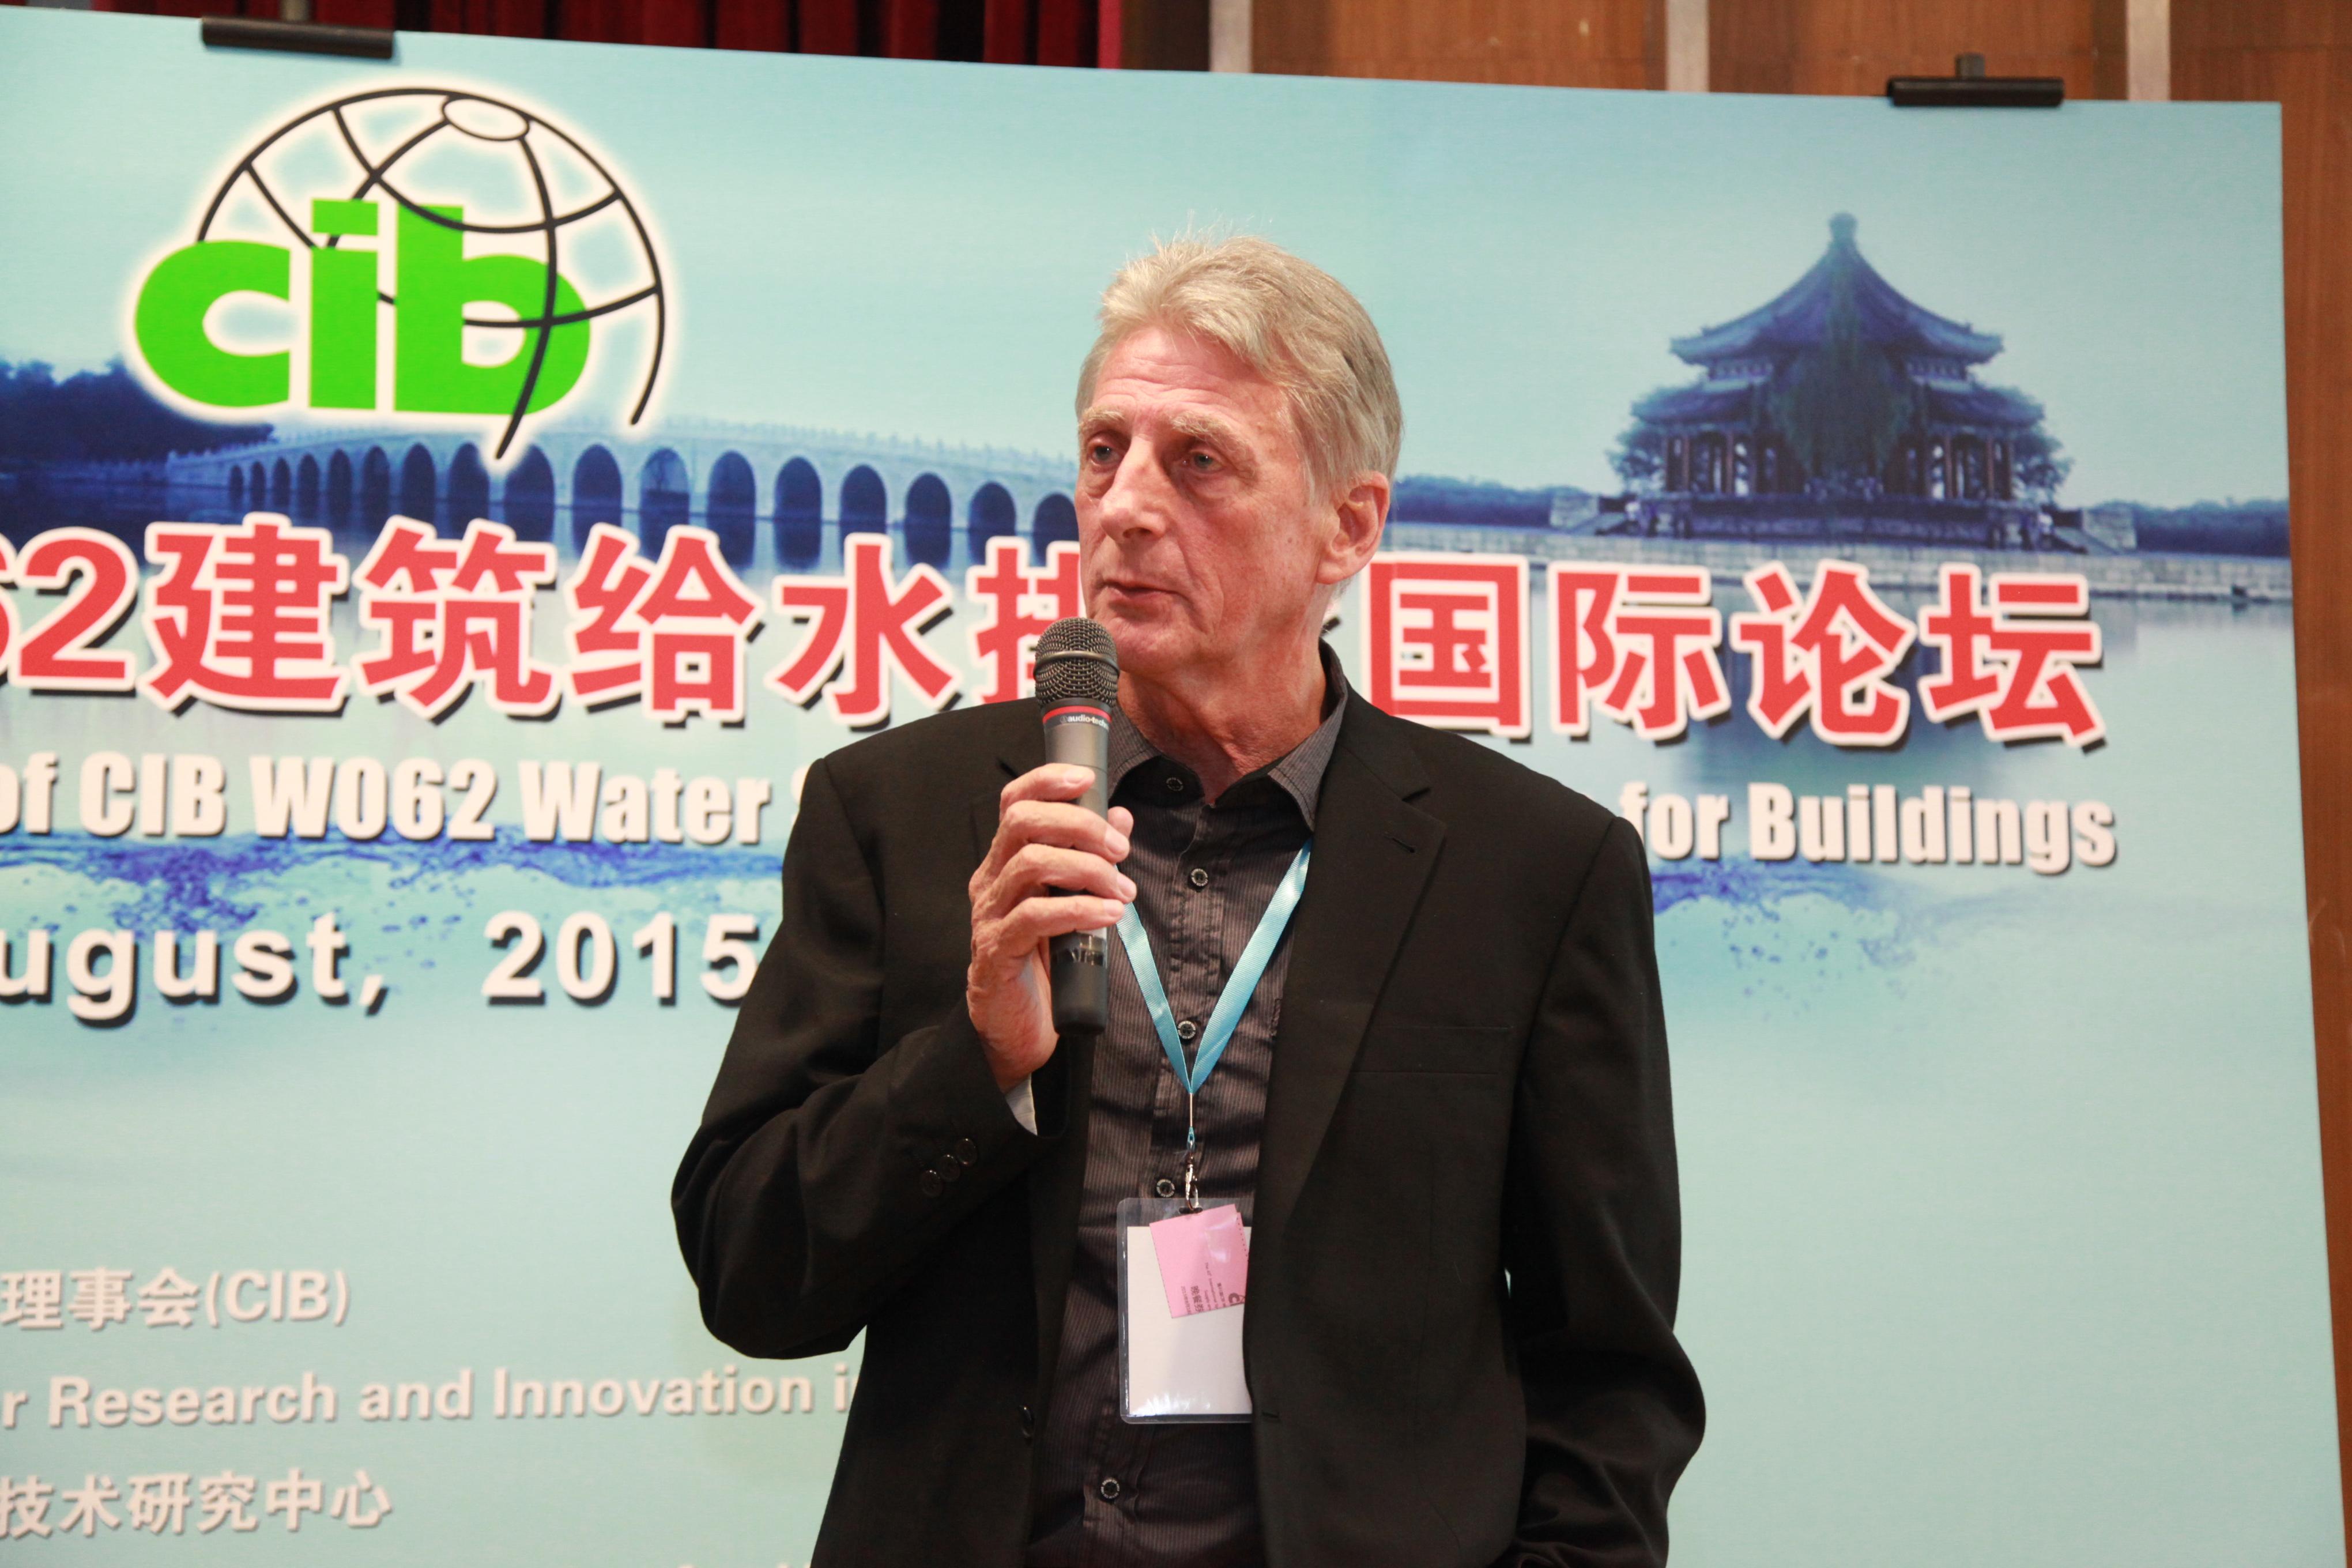 John Turner